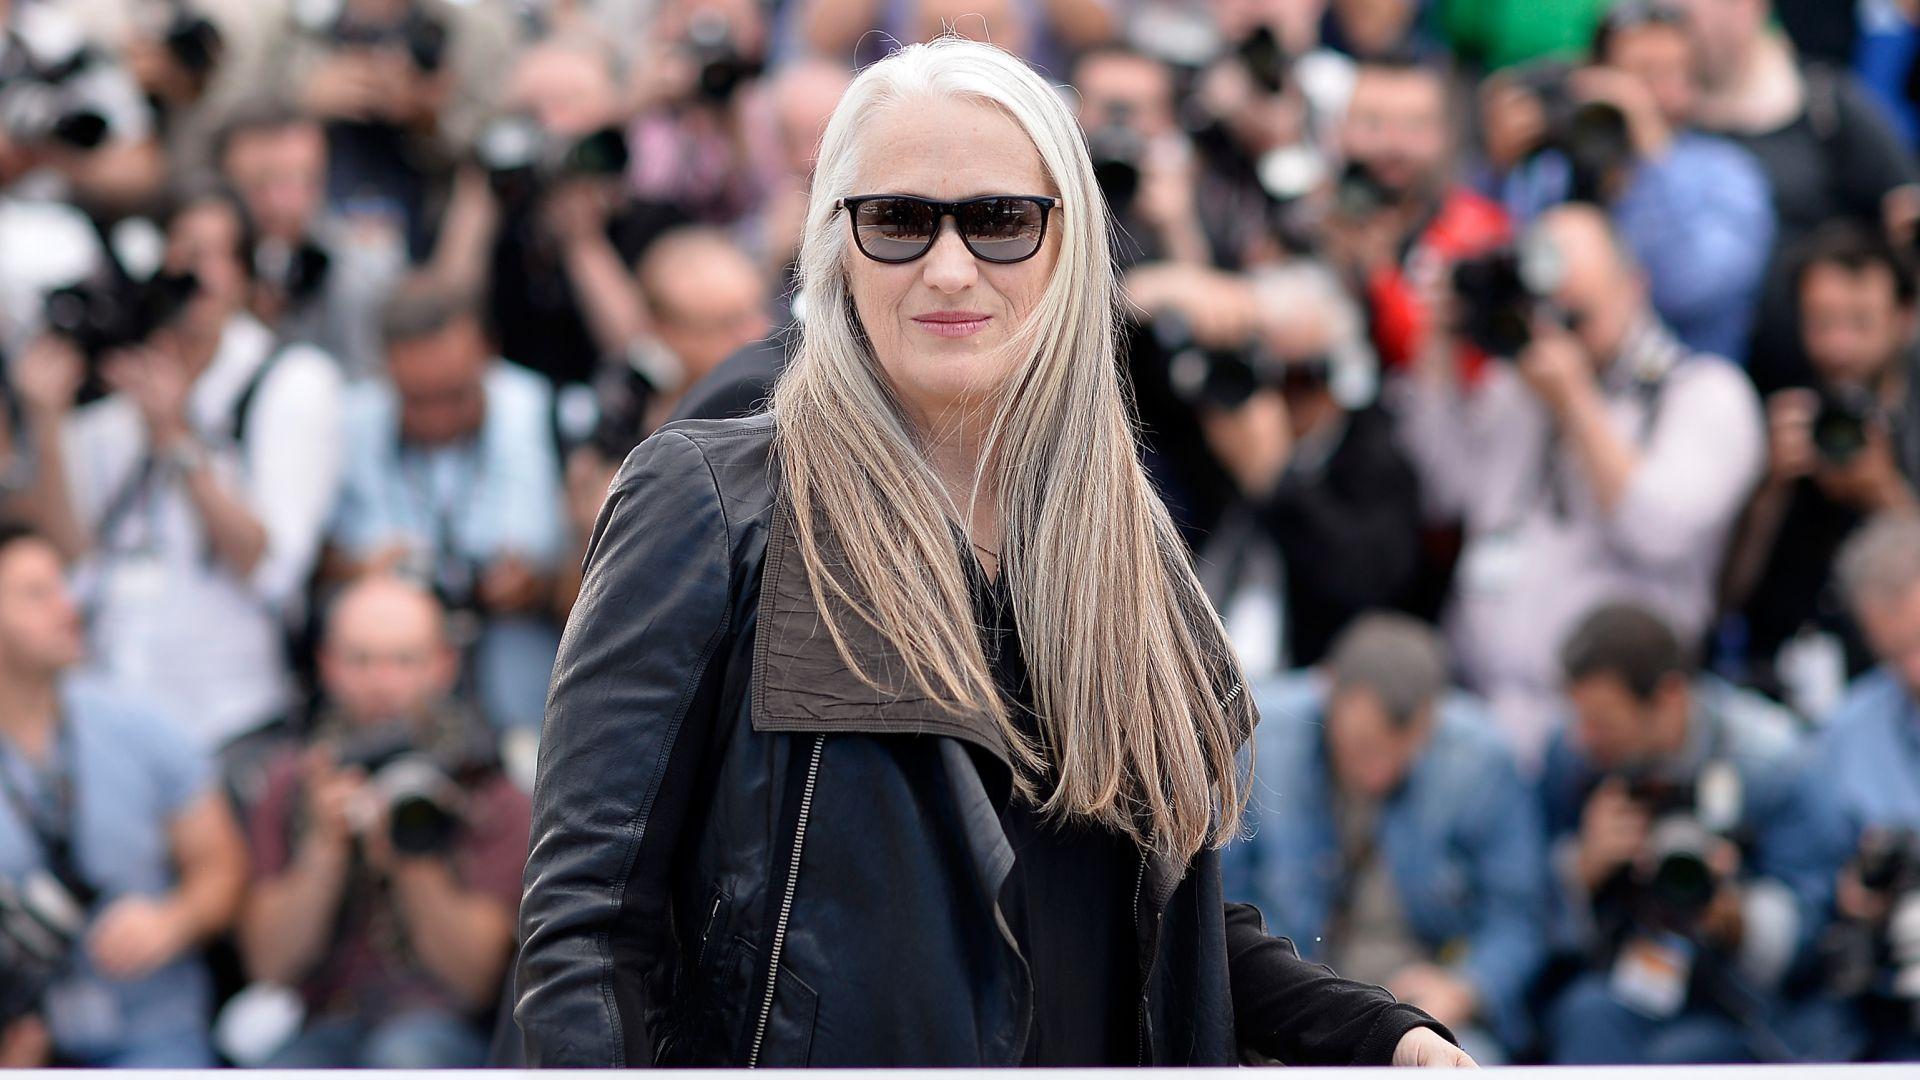 Режисьорката Джейн Кемпиън: След появата на движението #MeToo сякаш падна Берлинската стена